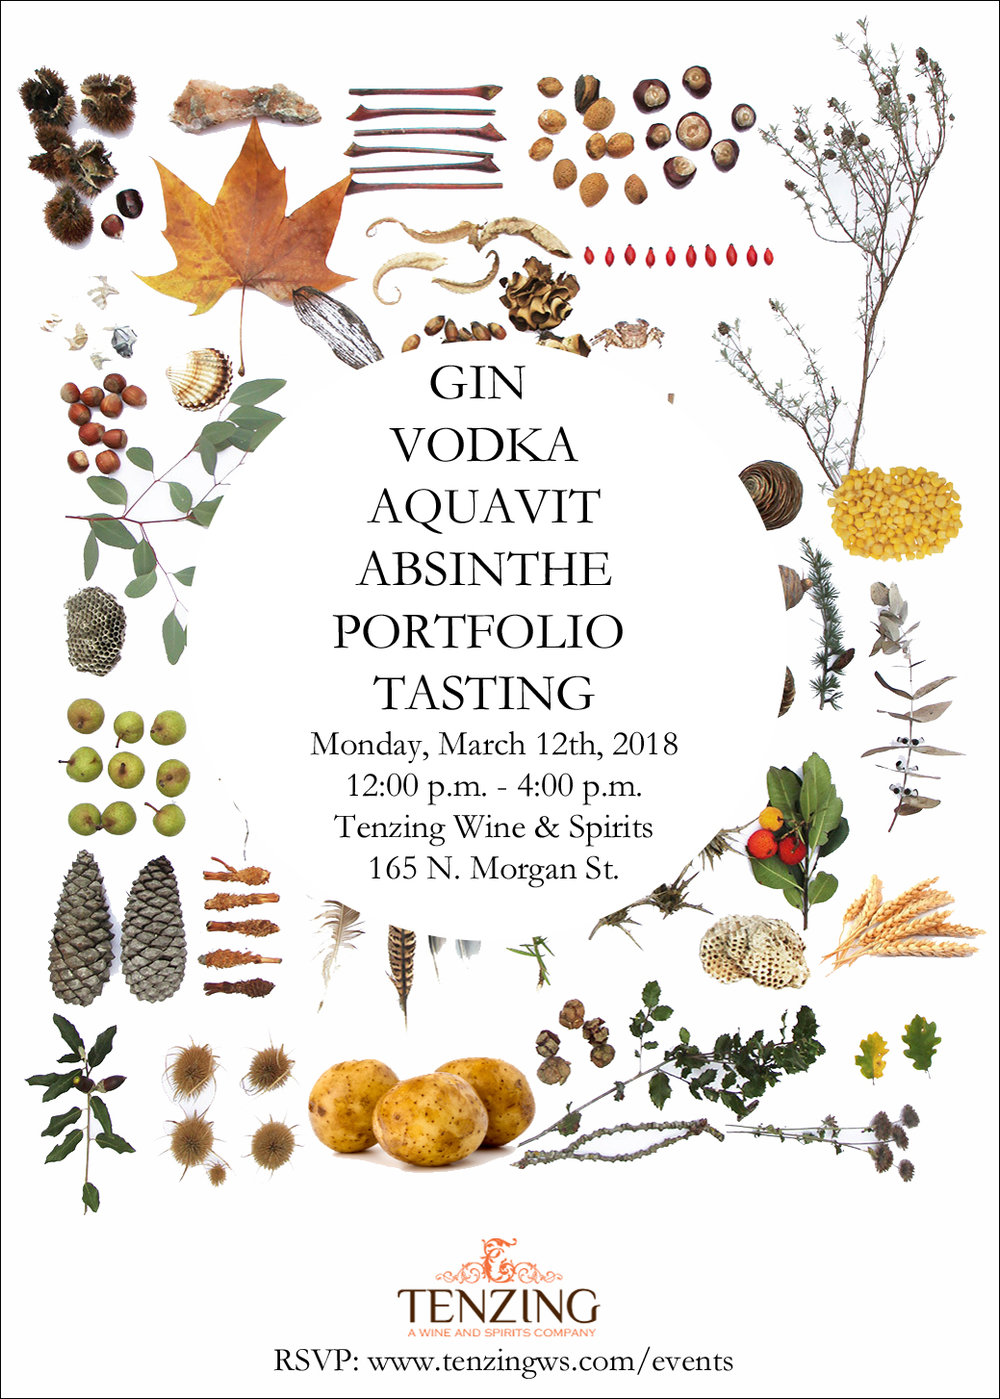 Gin-Vodka-Absinthe-Aquavit-Tasting.jpg